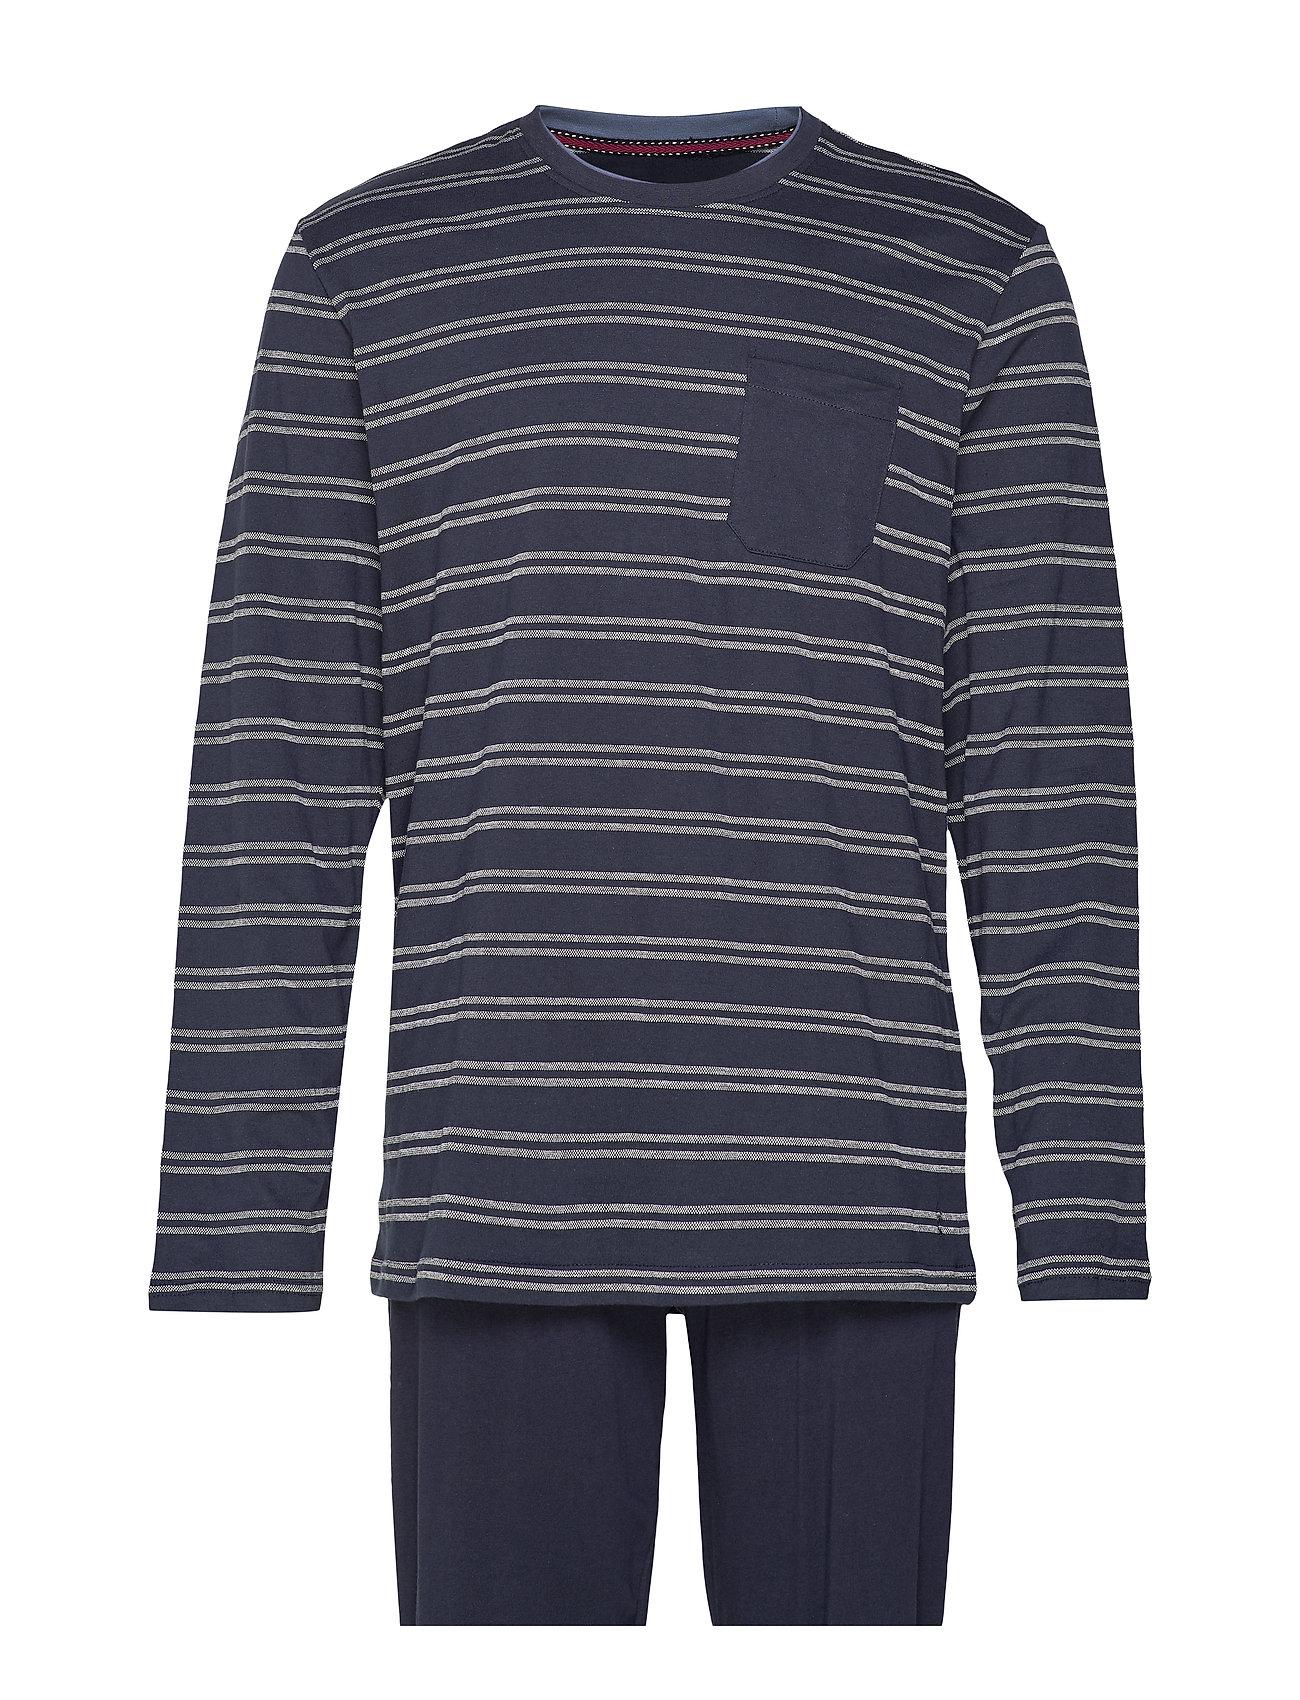 JBS JBS pyjamas jersey - NAVY STRI